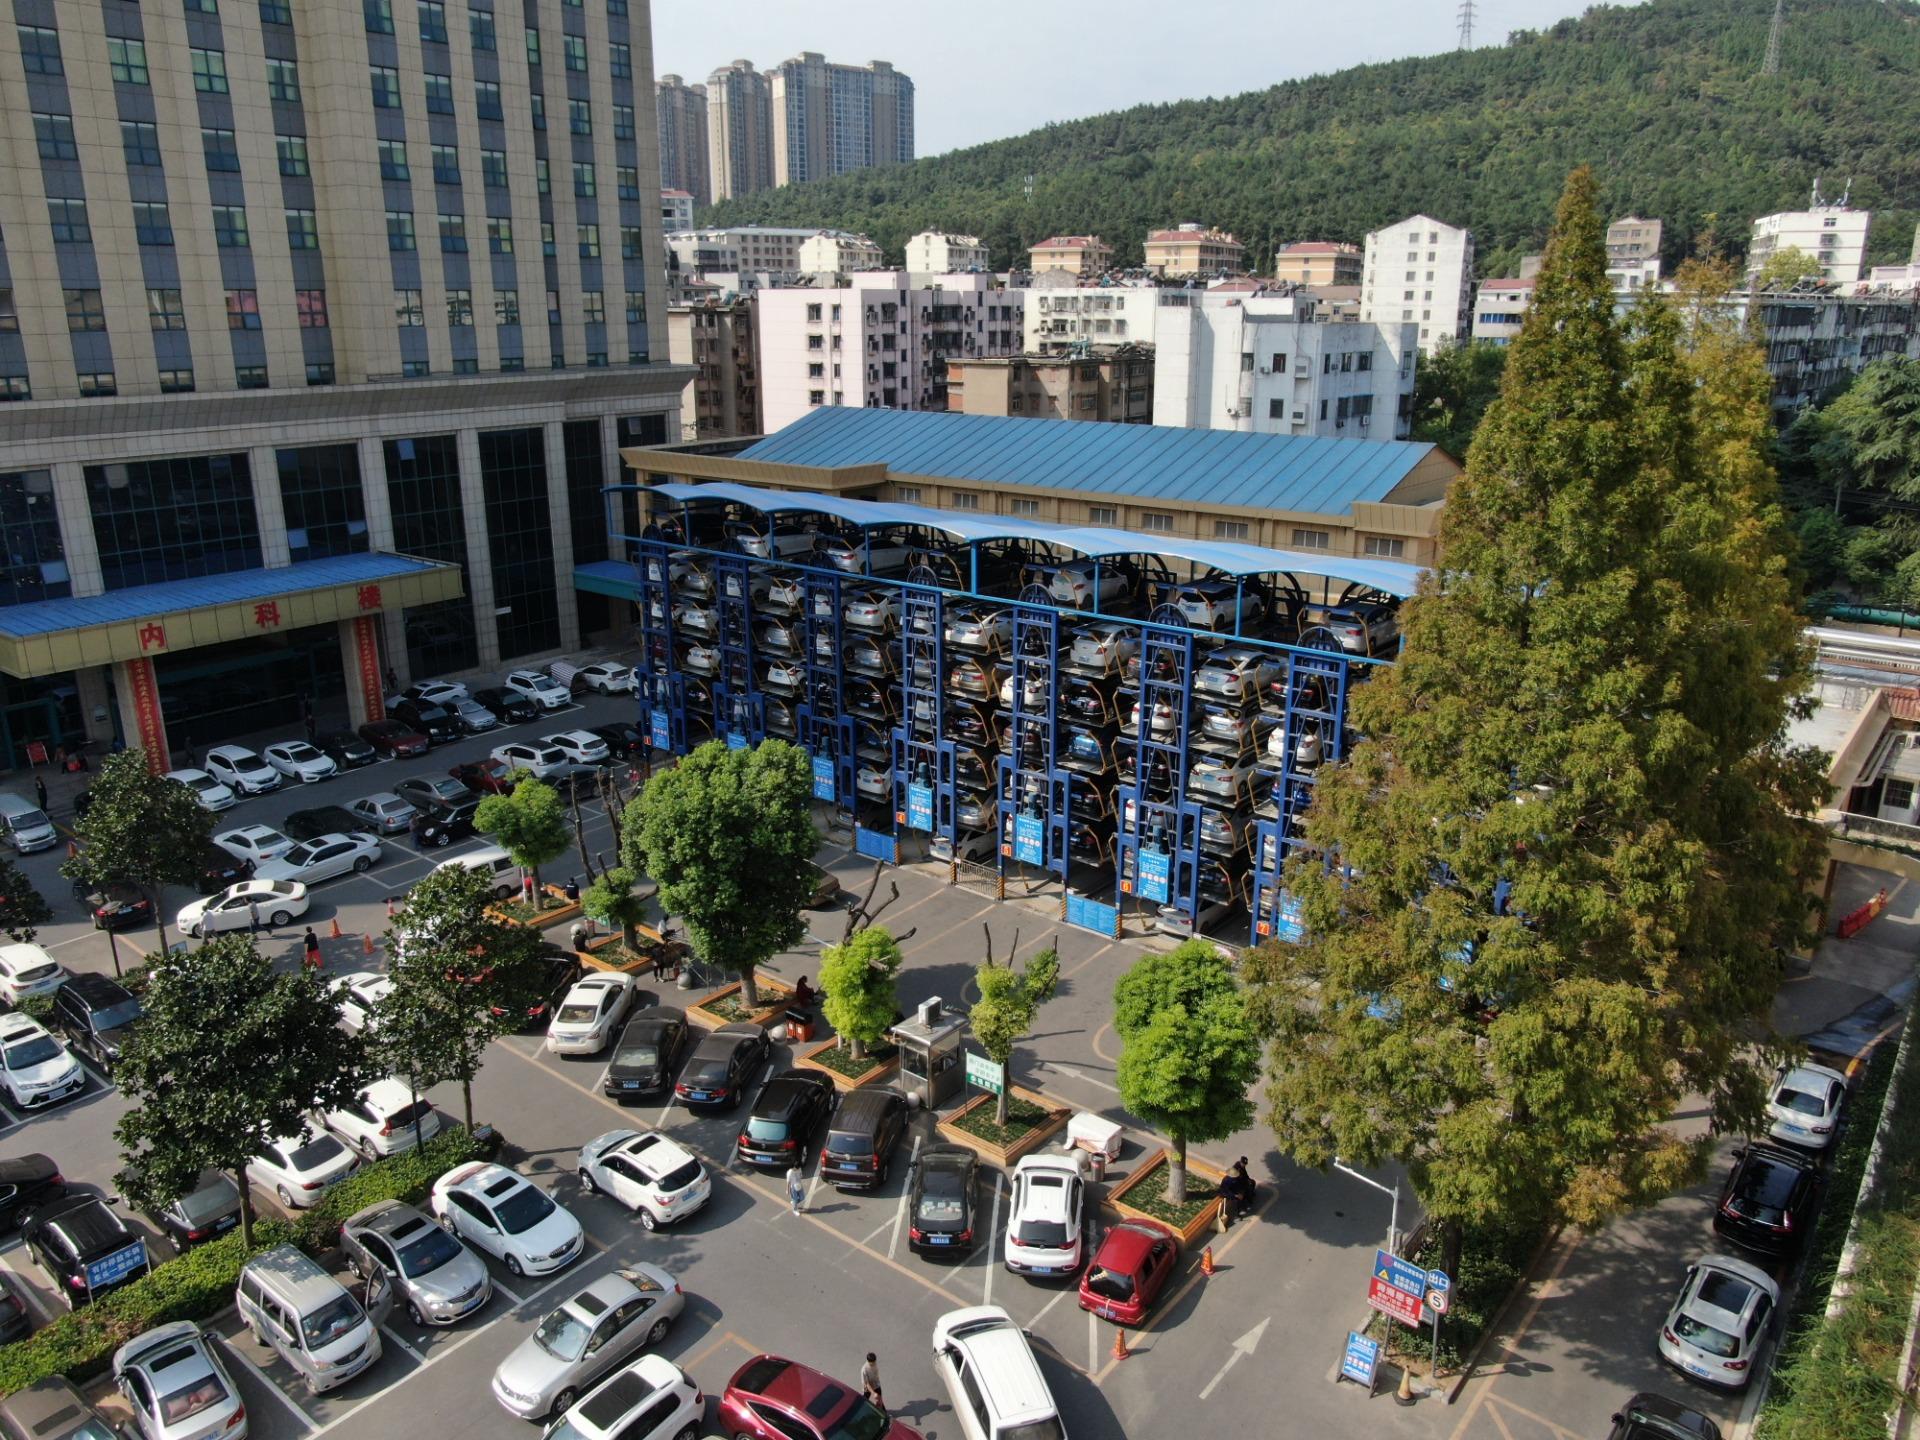 荆门市第二人民医院垂直循环类立体停车设备